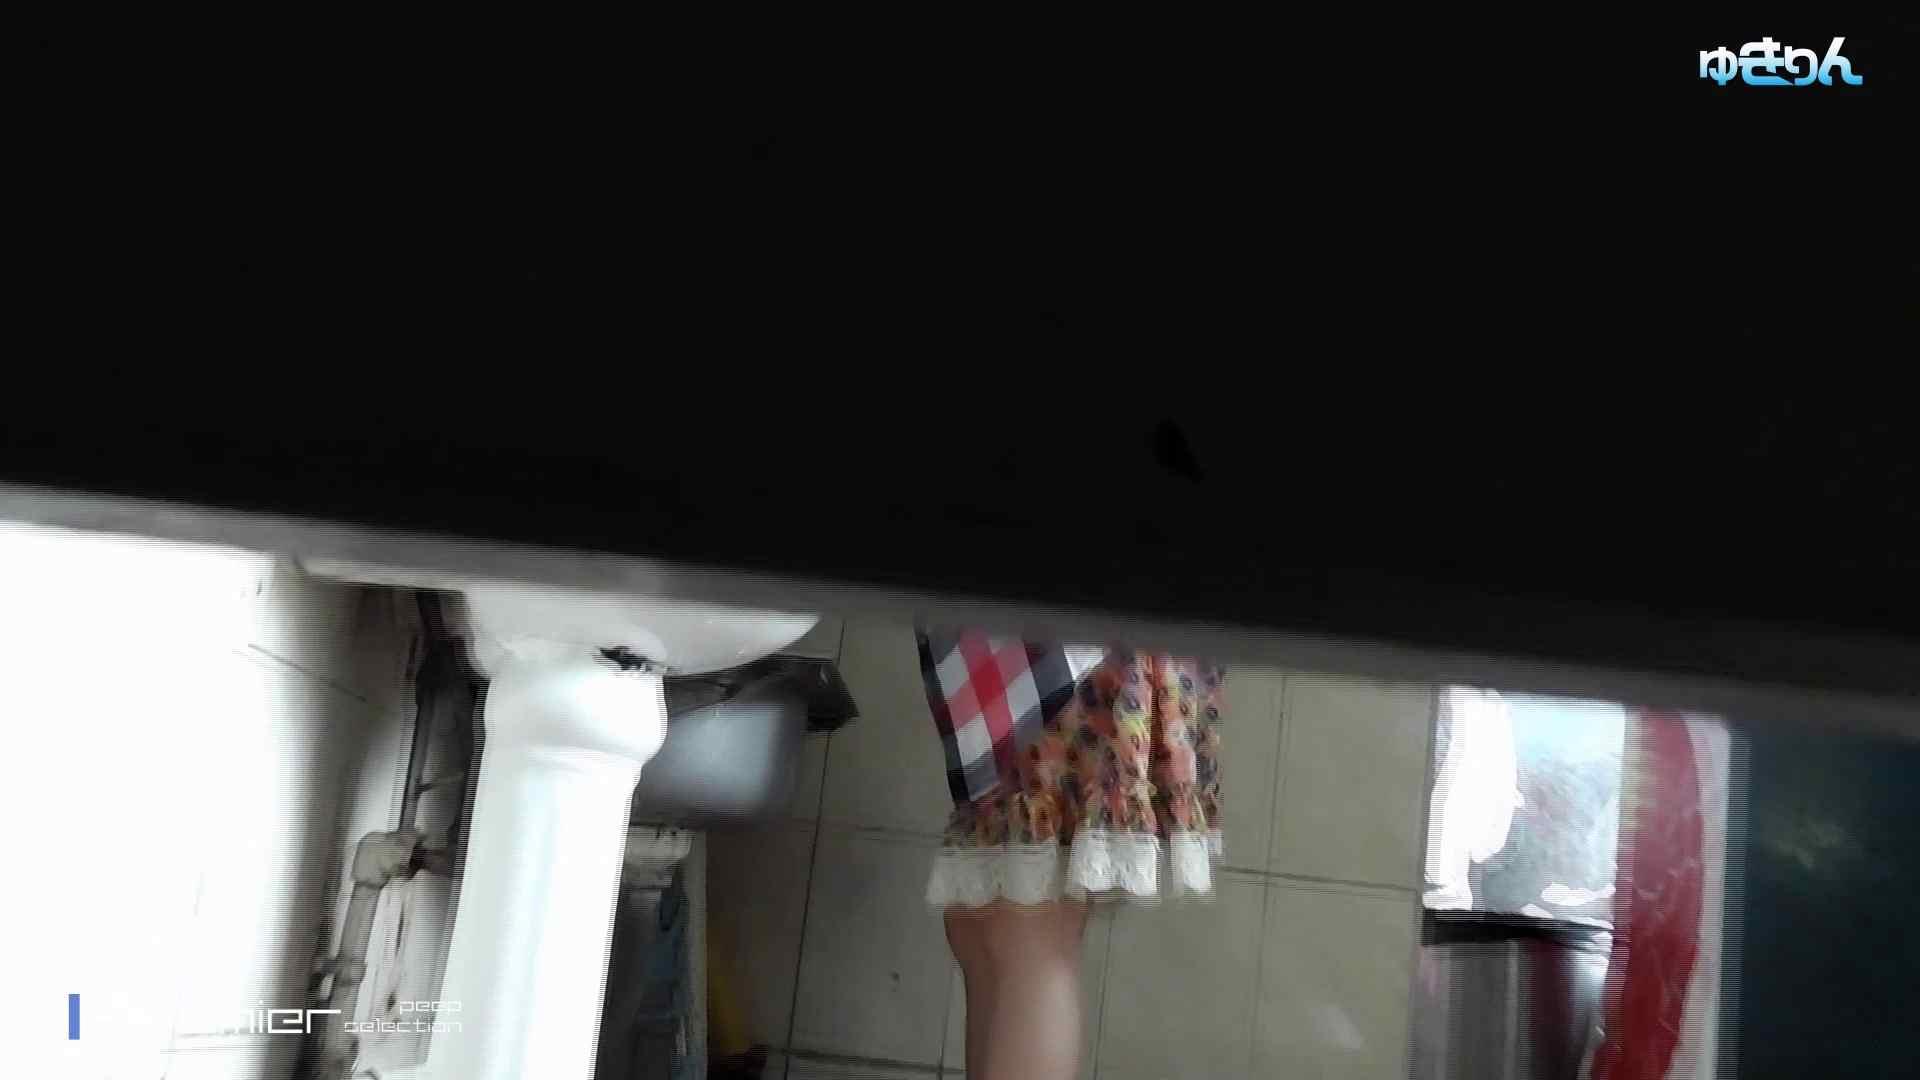 ステーション編 vol63 ハイヒール花柄に注目 ギャル攻め おまんこ無修正動画無料 58画像 56